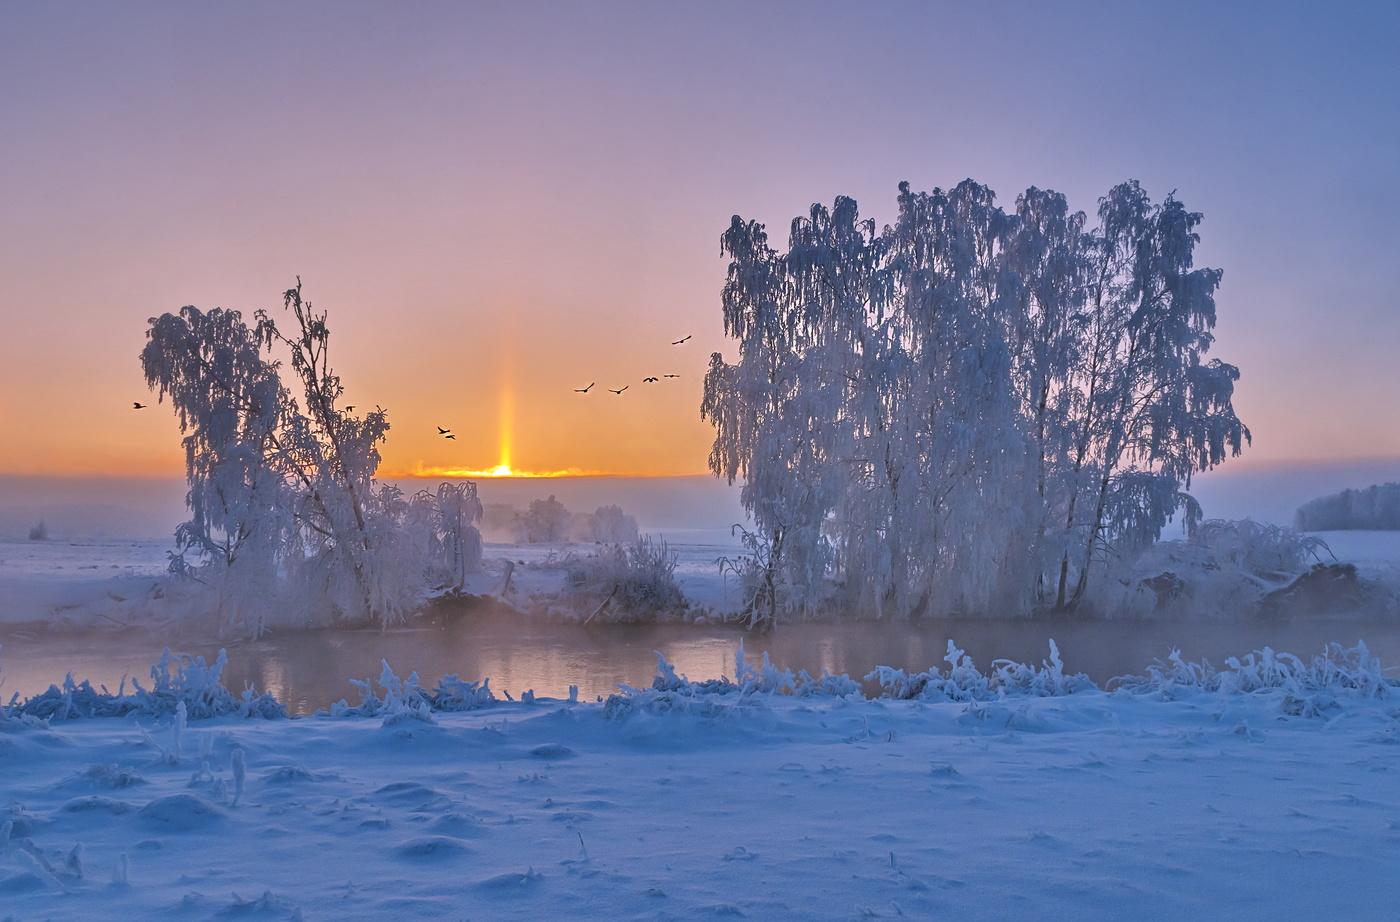 москве нее раннее зимнее утро фото слушаниях